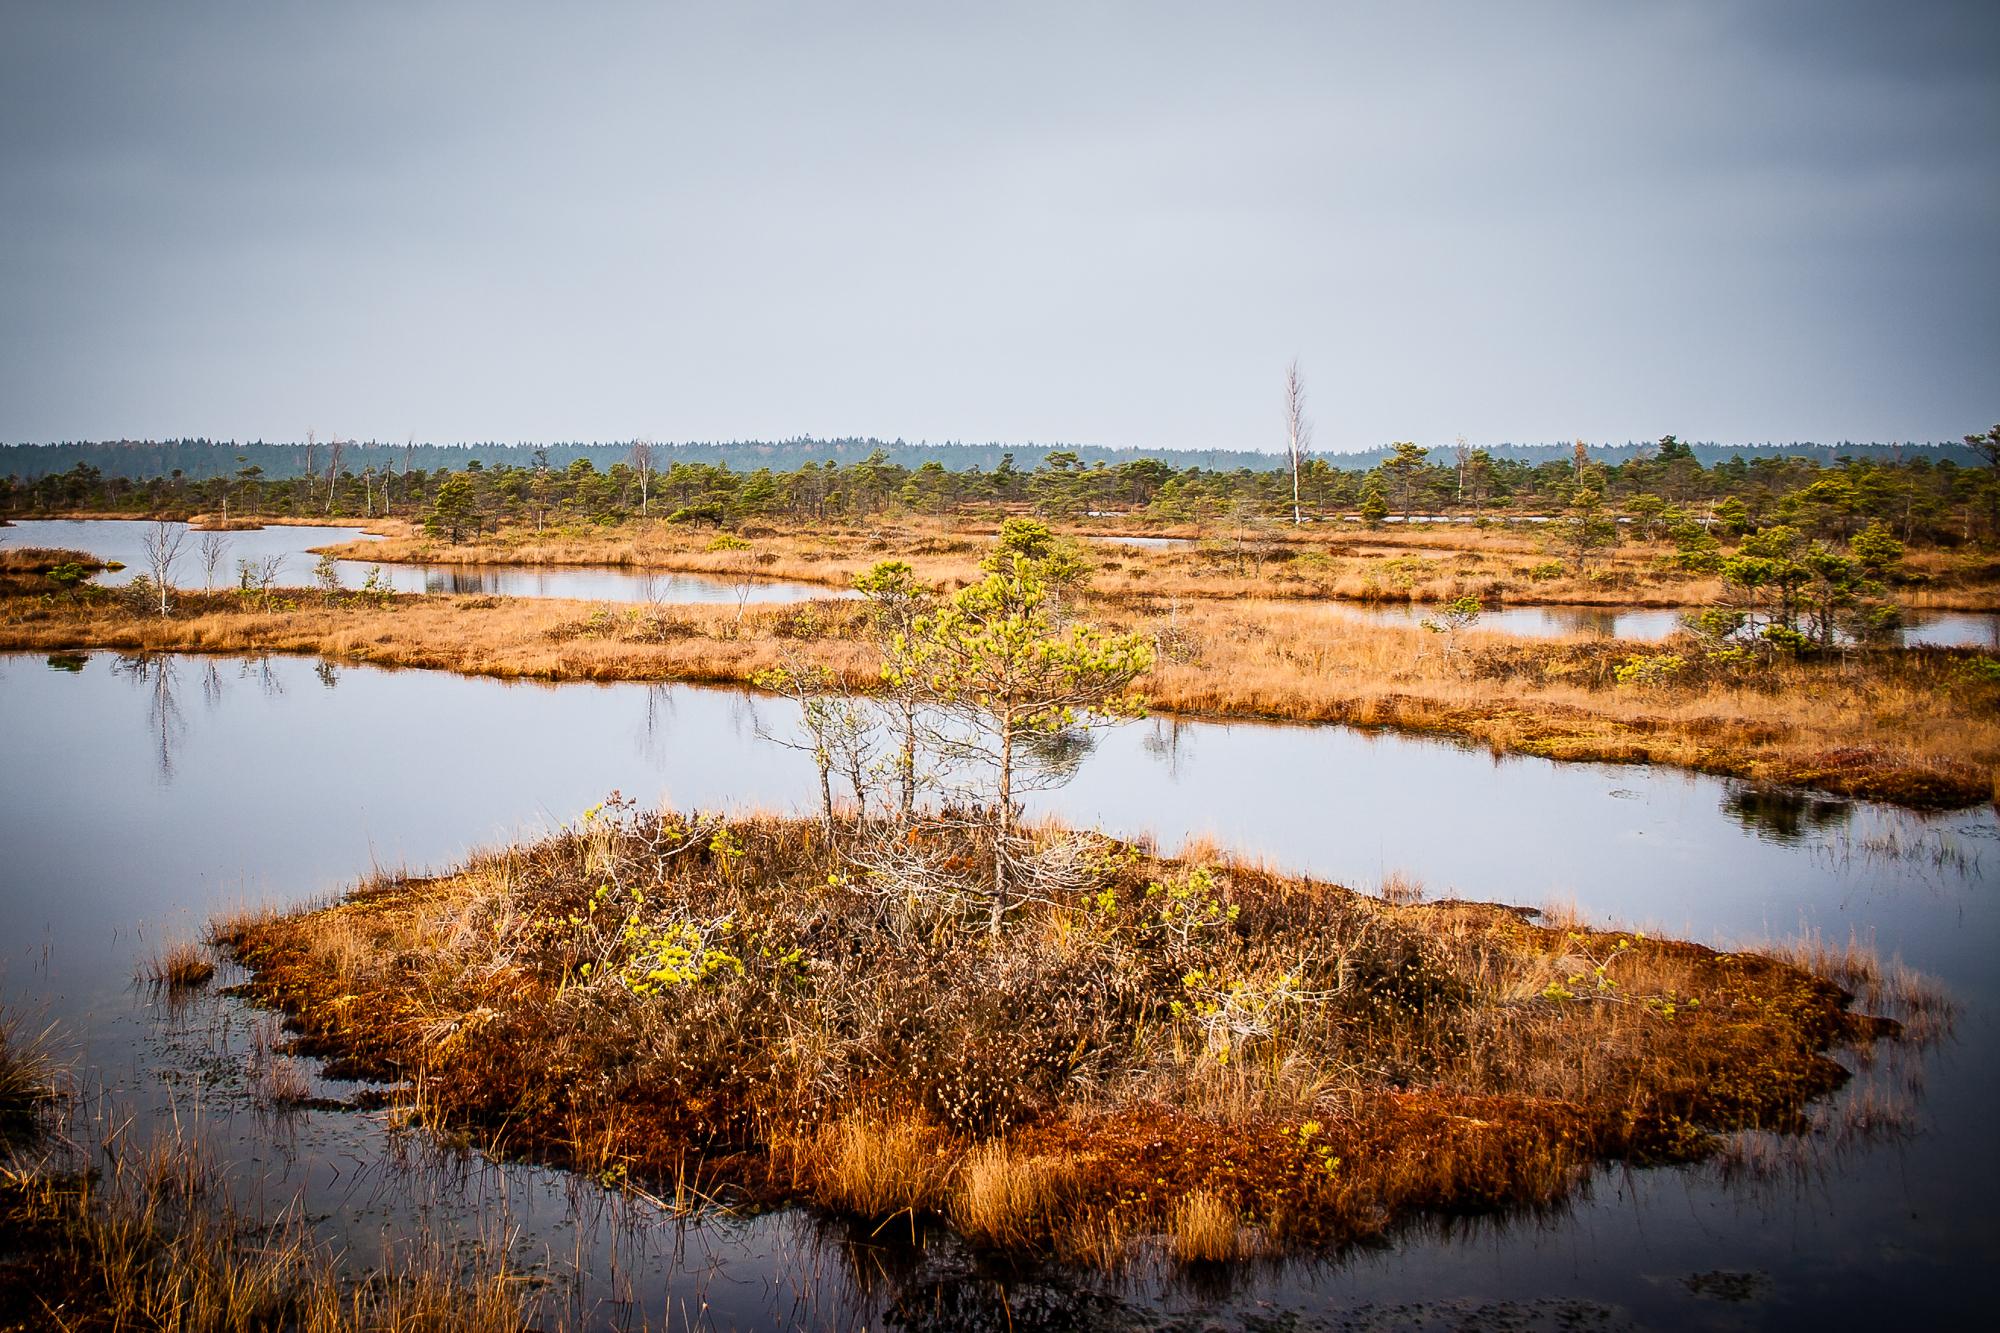 Island In Swamp Via @Atisgailis